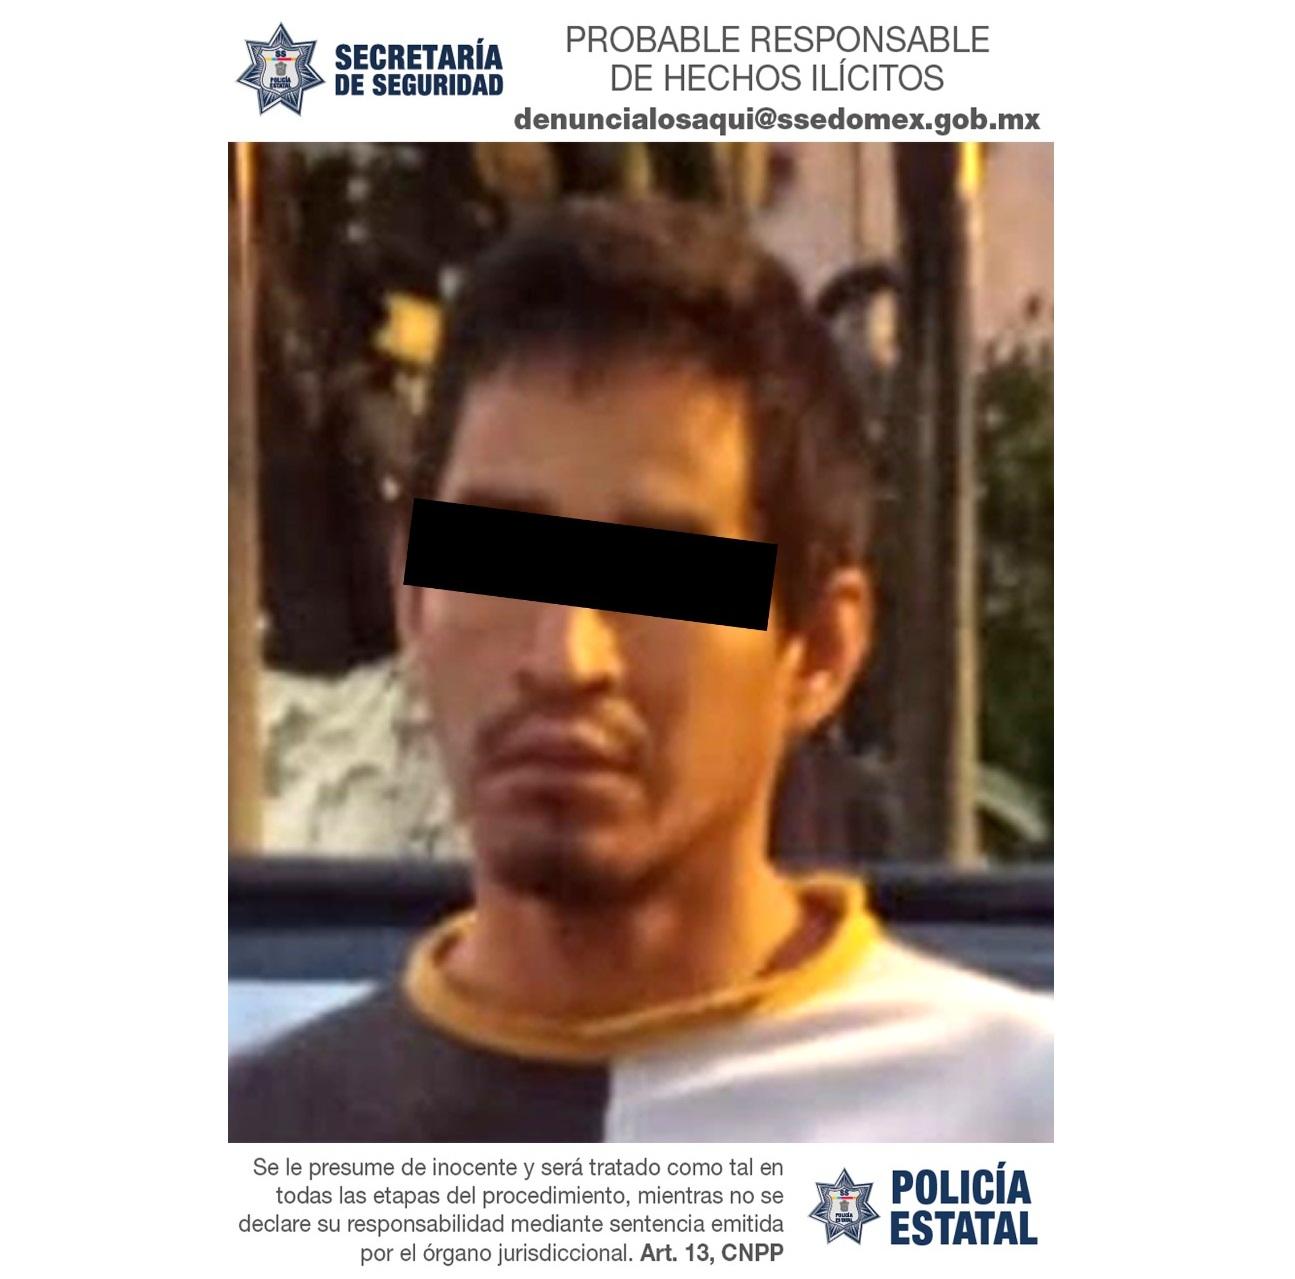 DETIENEN A SUJETO IMPLICADO EN EL DELITO DE ROBO CON VIOLENCIA A TRANSEÚNTE